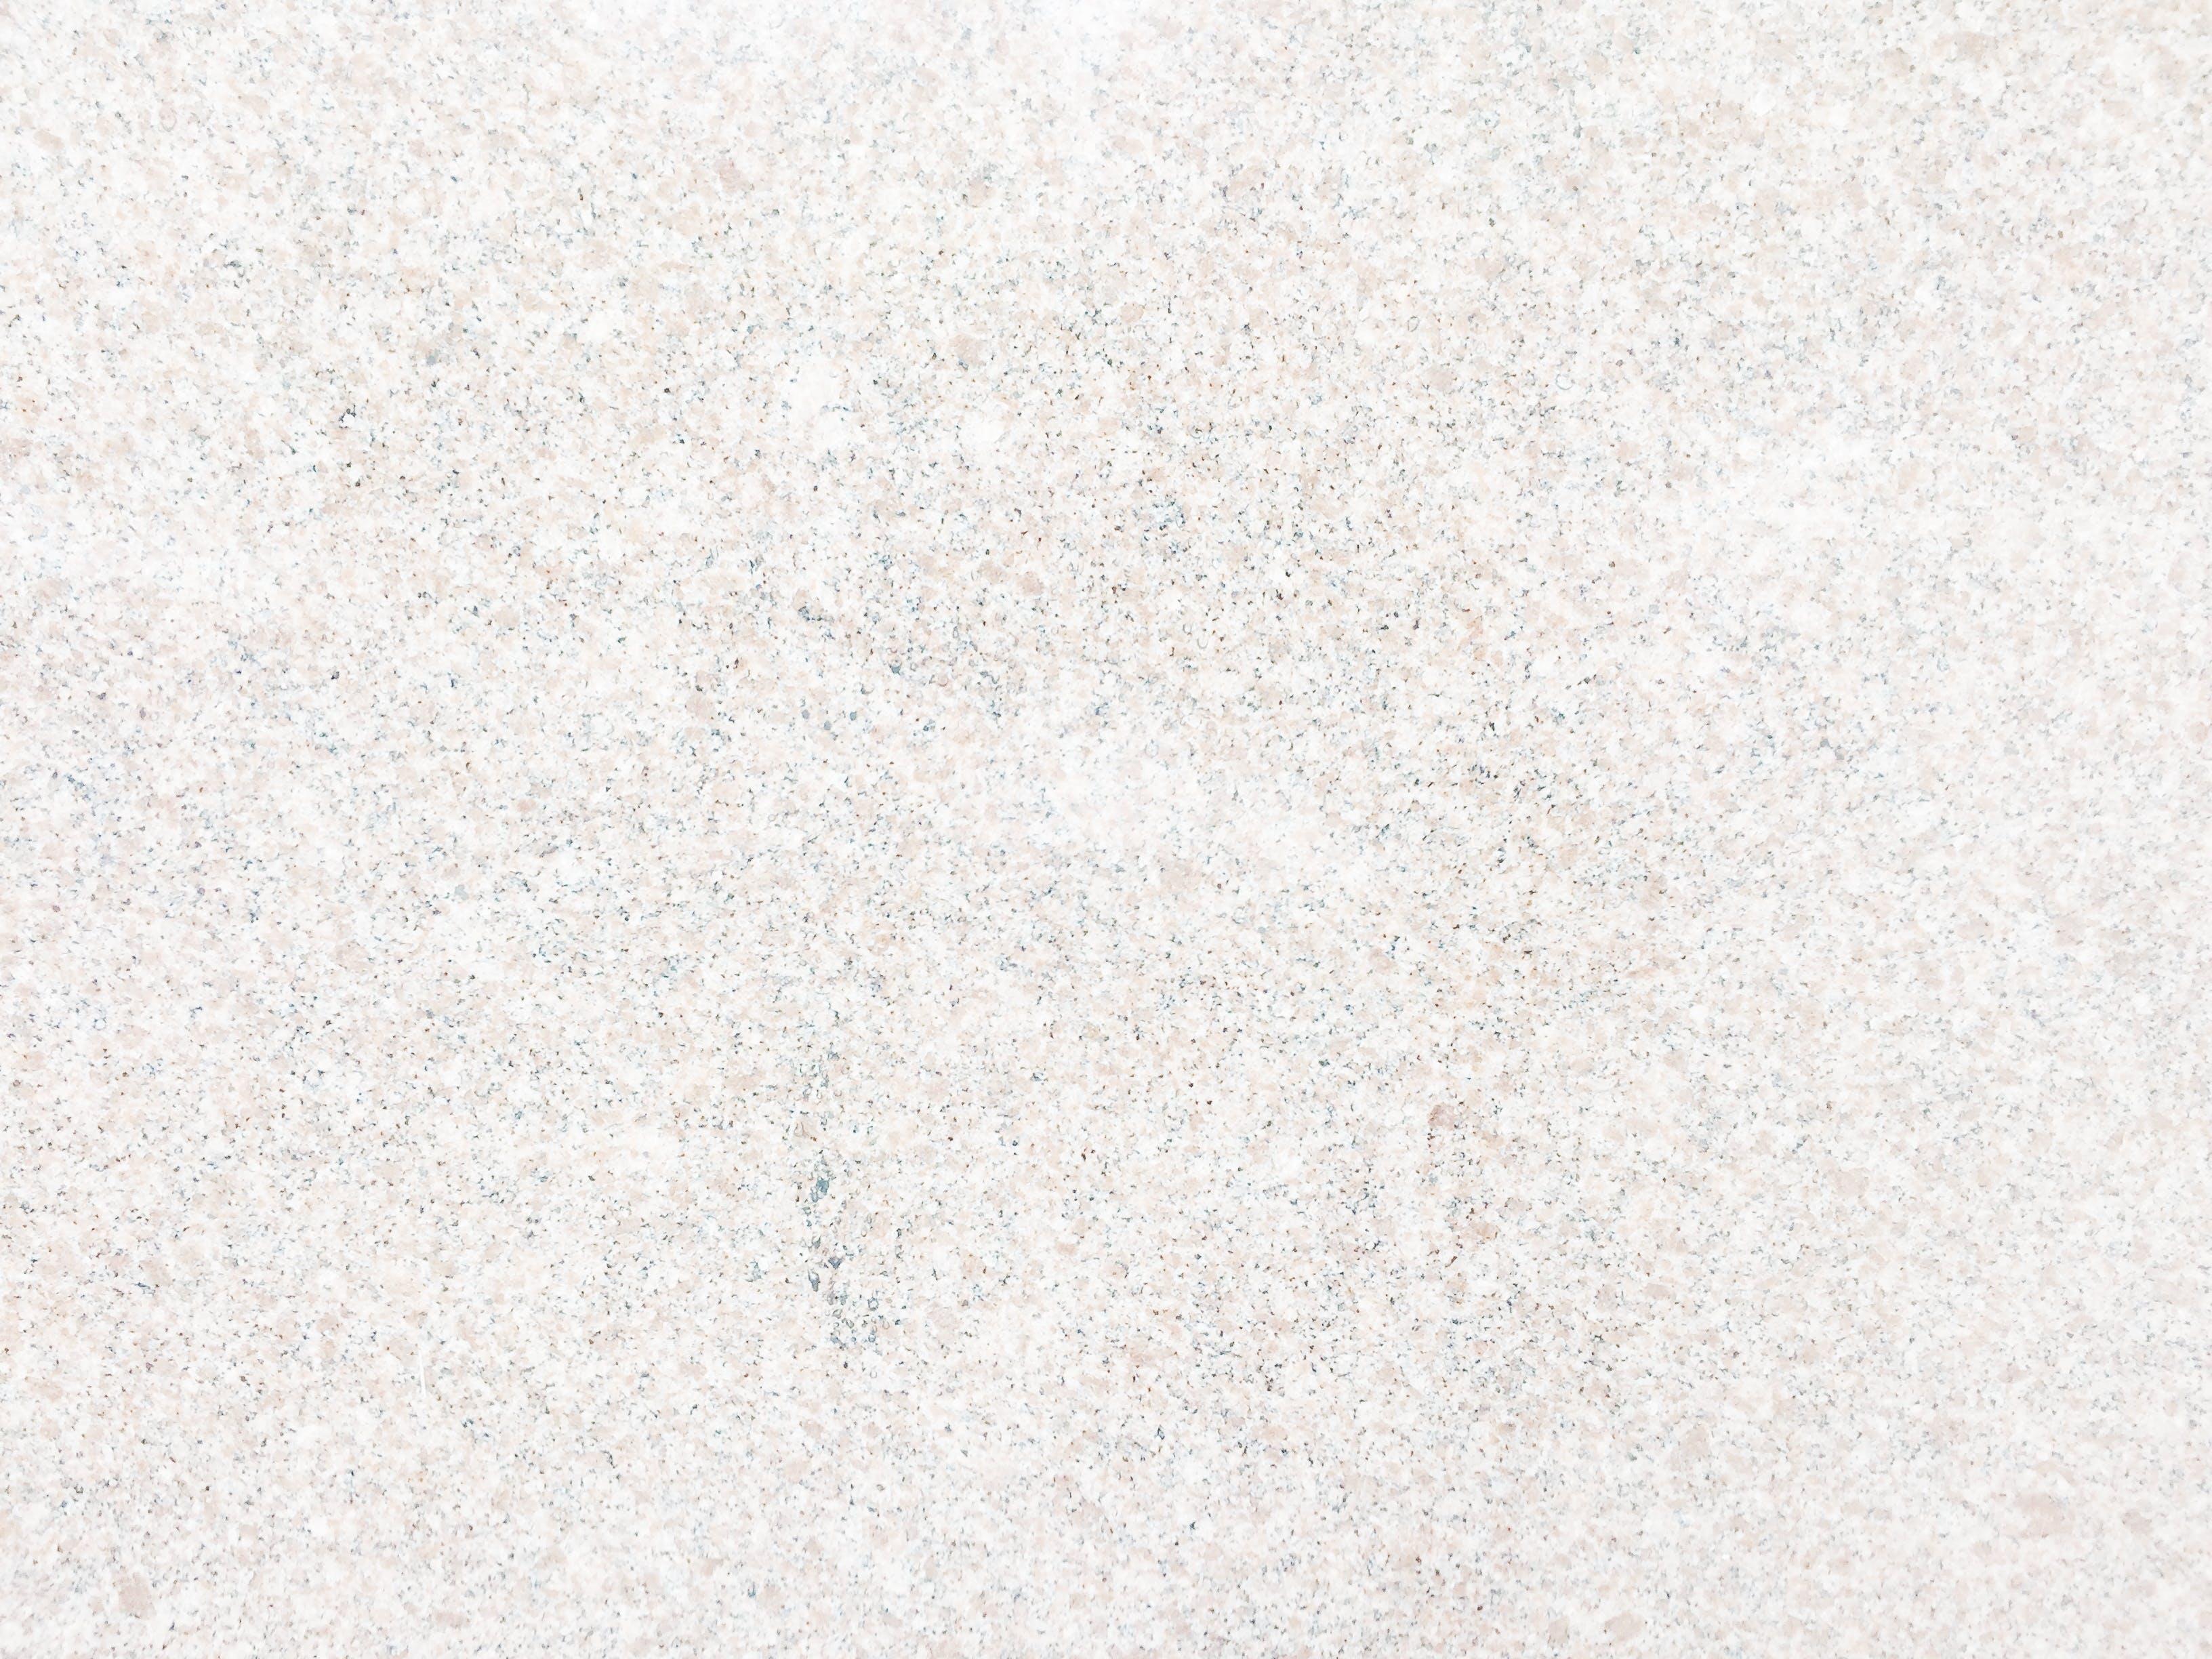 Free stock photo of stucco pattern